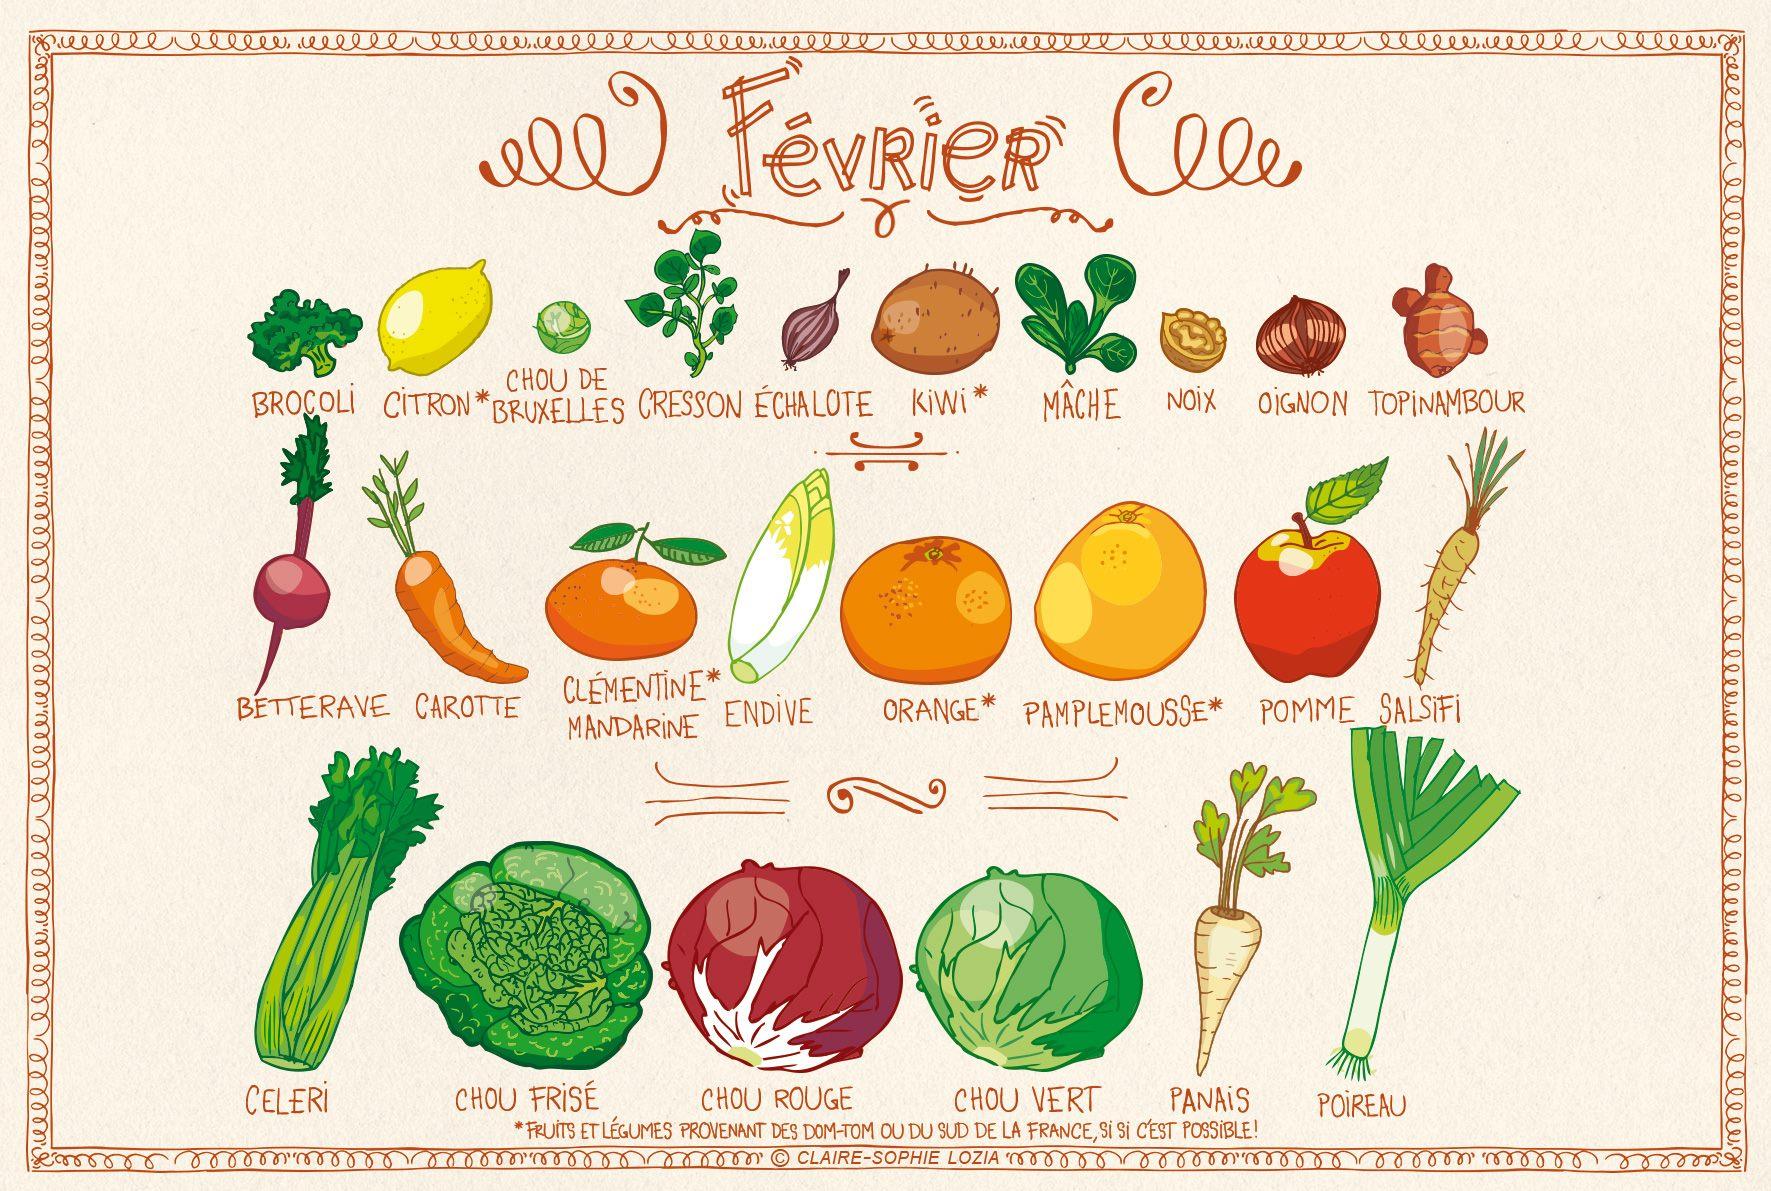 Fruits et l gumes de saison ysabelle levasseur - Fruit de saison decembre ...